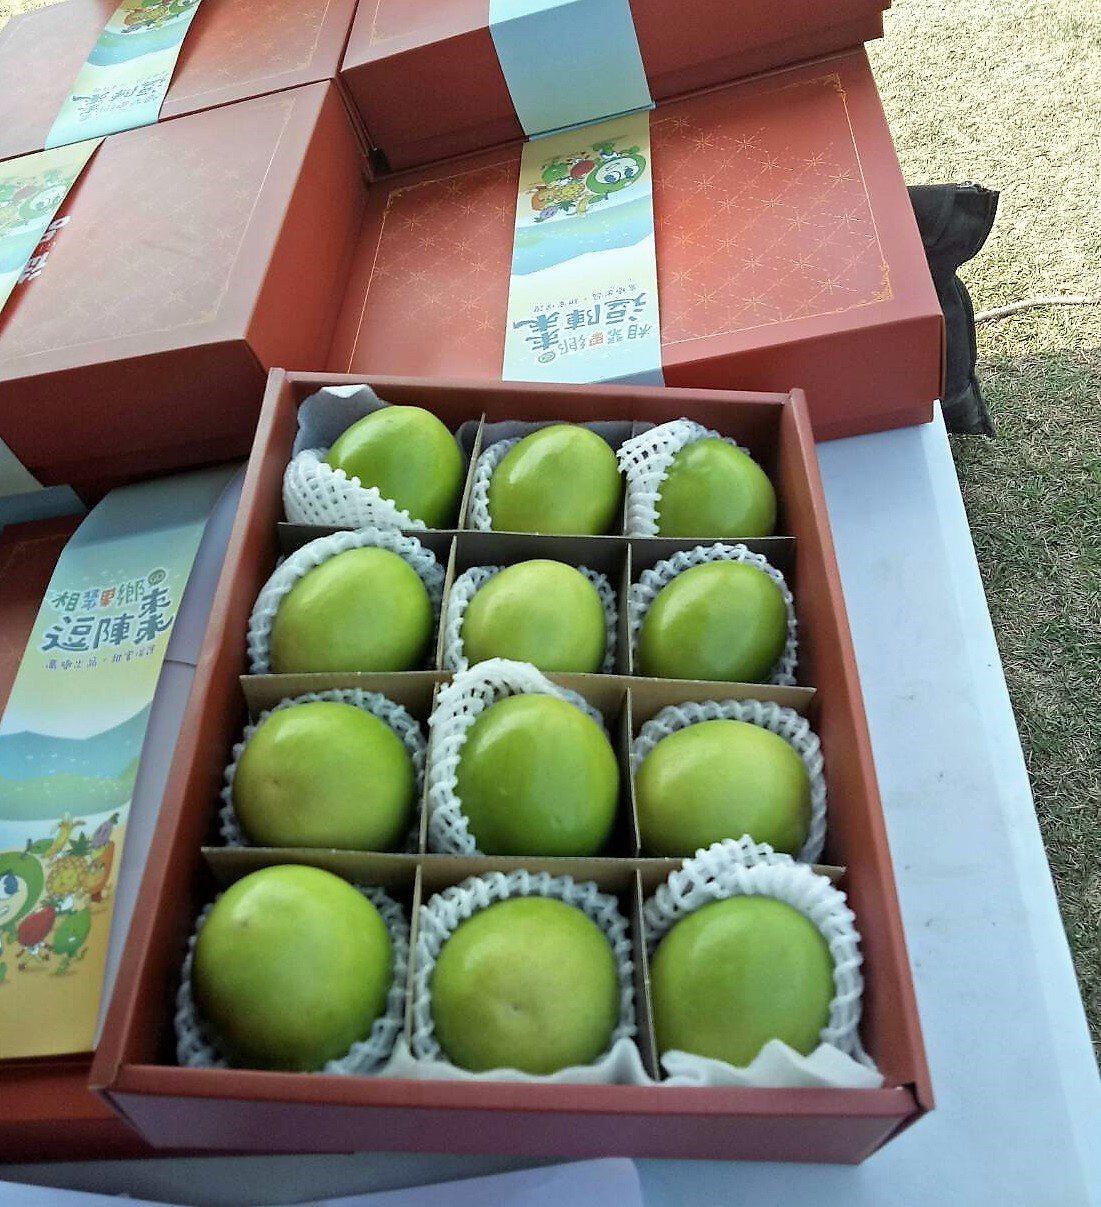 屏東縣高樹鄉公所準備了蜜棗等水果伴手禮,為地方產業大力行銷。圖/高樹鄉公所提供